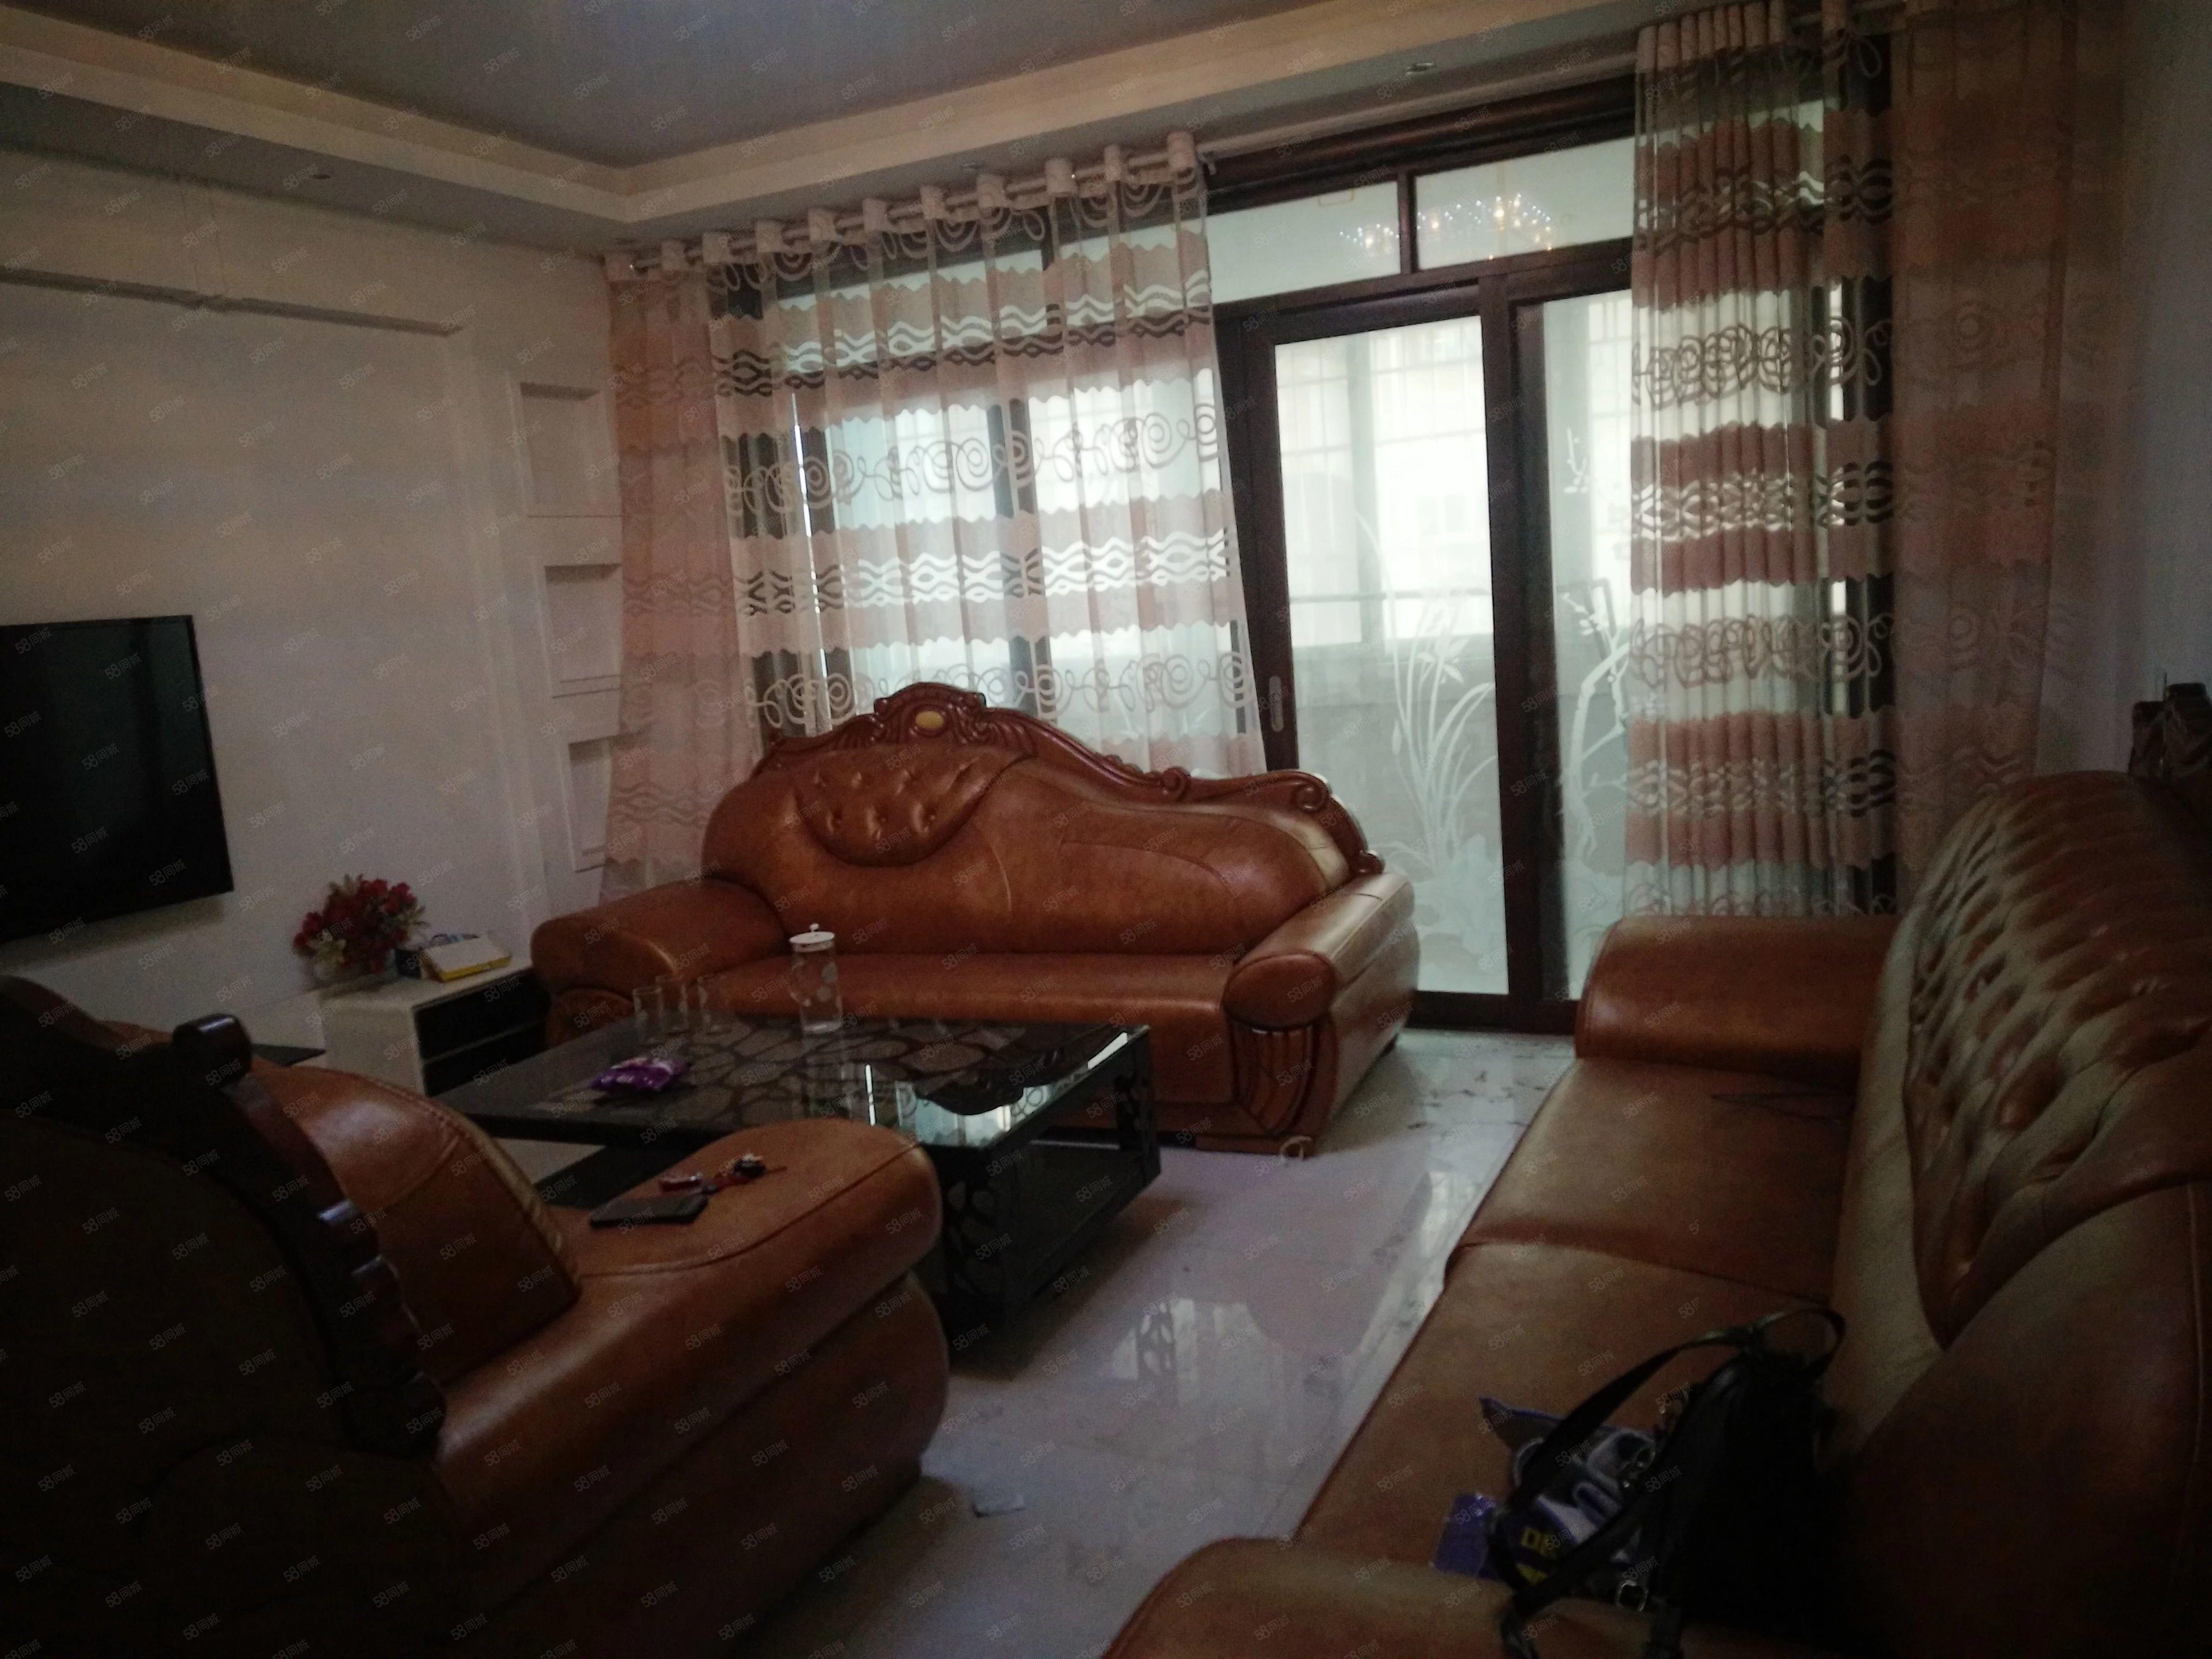 标准大三室两厅两卫拎包入住环境优美很适合居住比较安静